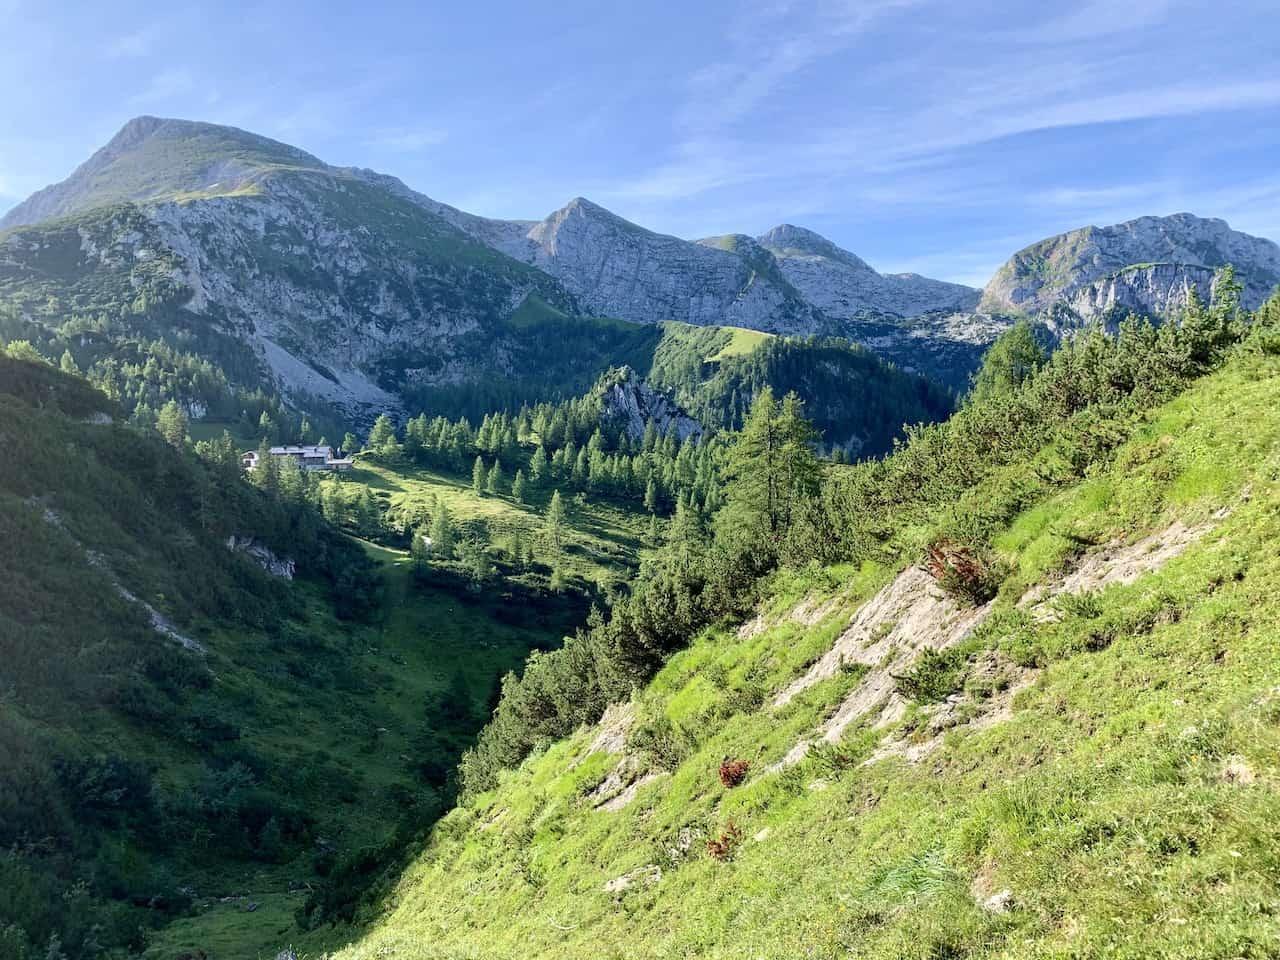 Schneibsteinhaus Hike